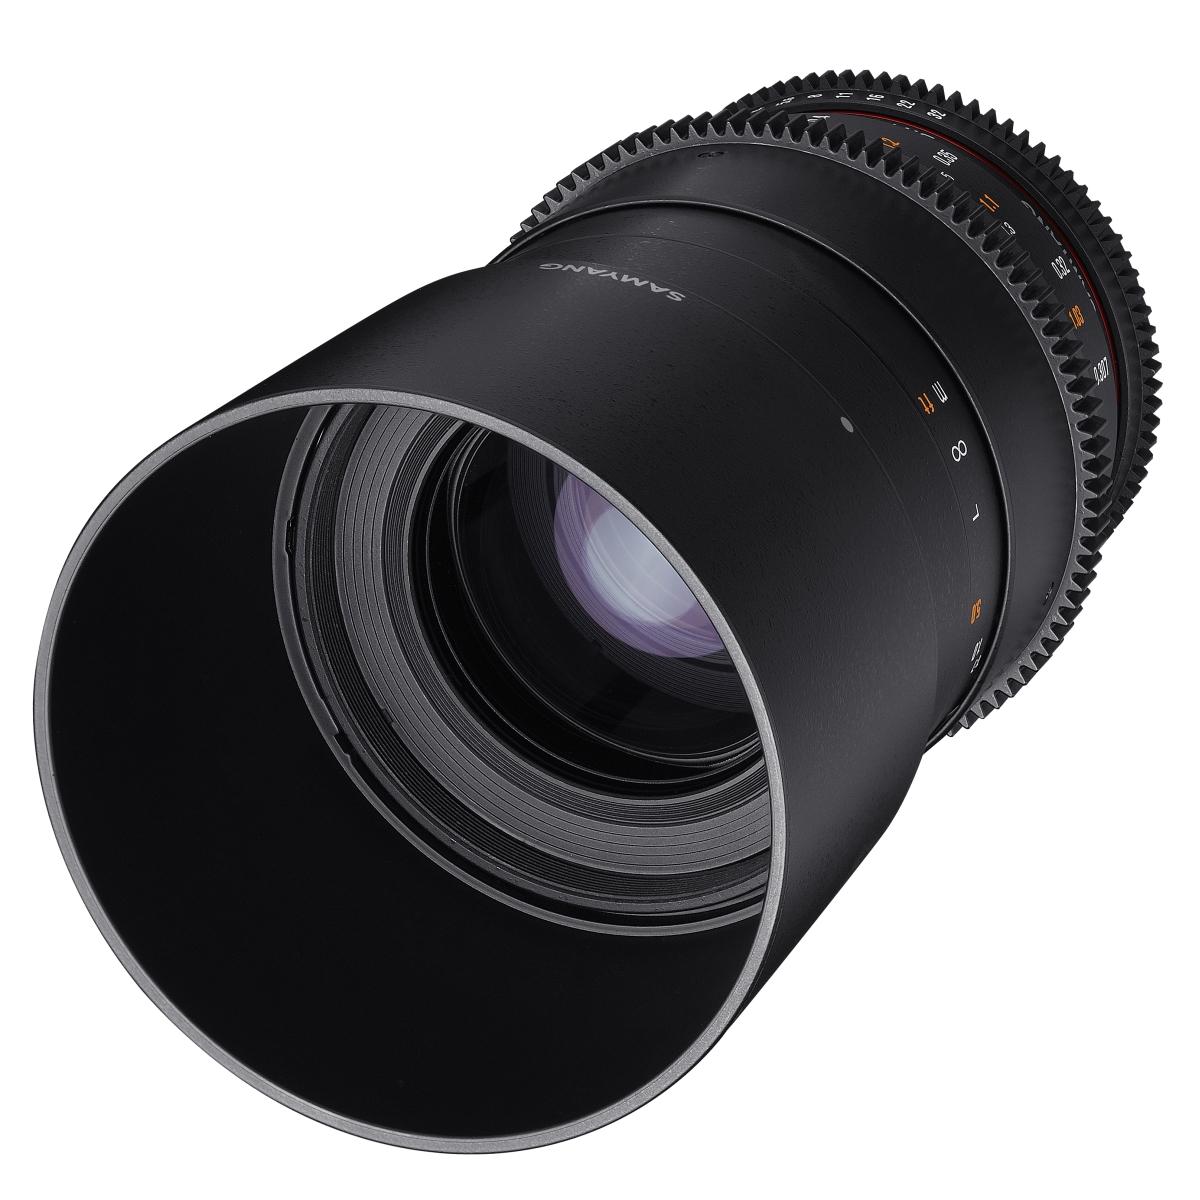 Samyang MF 100 mm 1:3,1 Makro Video DSLR für MFT